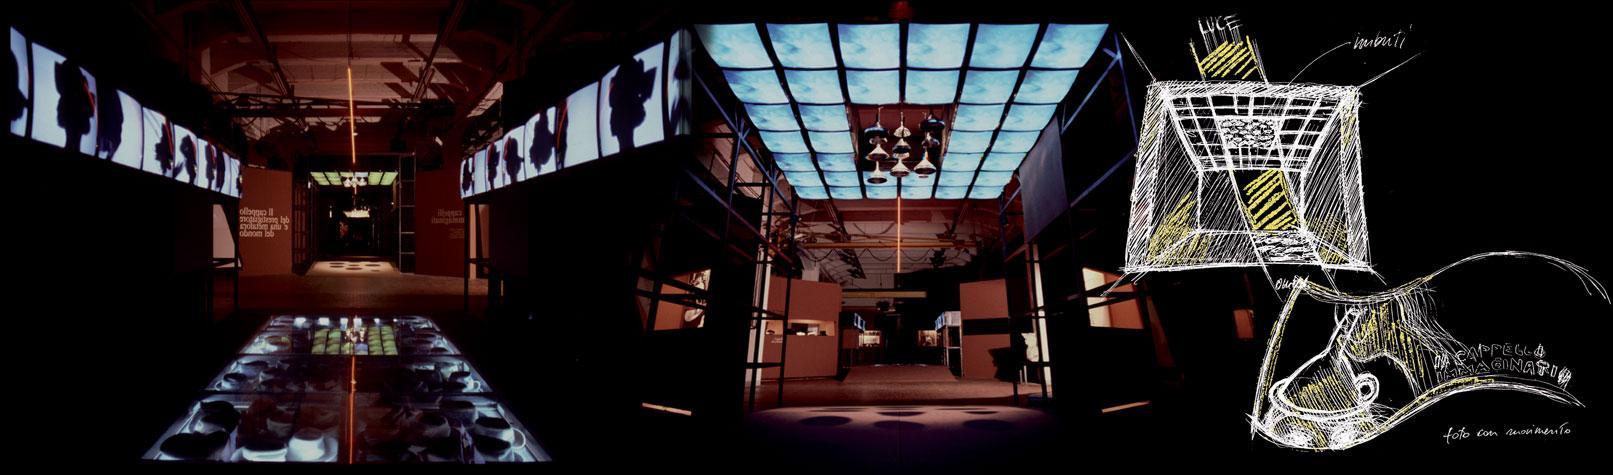 Progetto di Studio Azzurro e allestimento della mostra Cosa ti sei messo in testa, con monitor a parete e soffitto